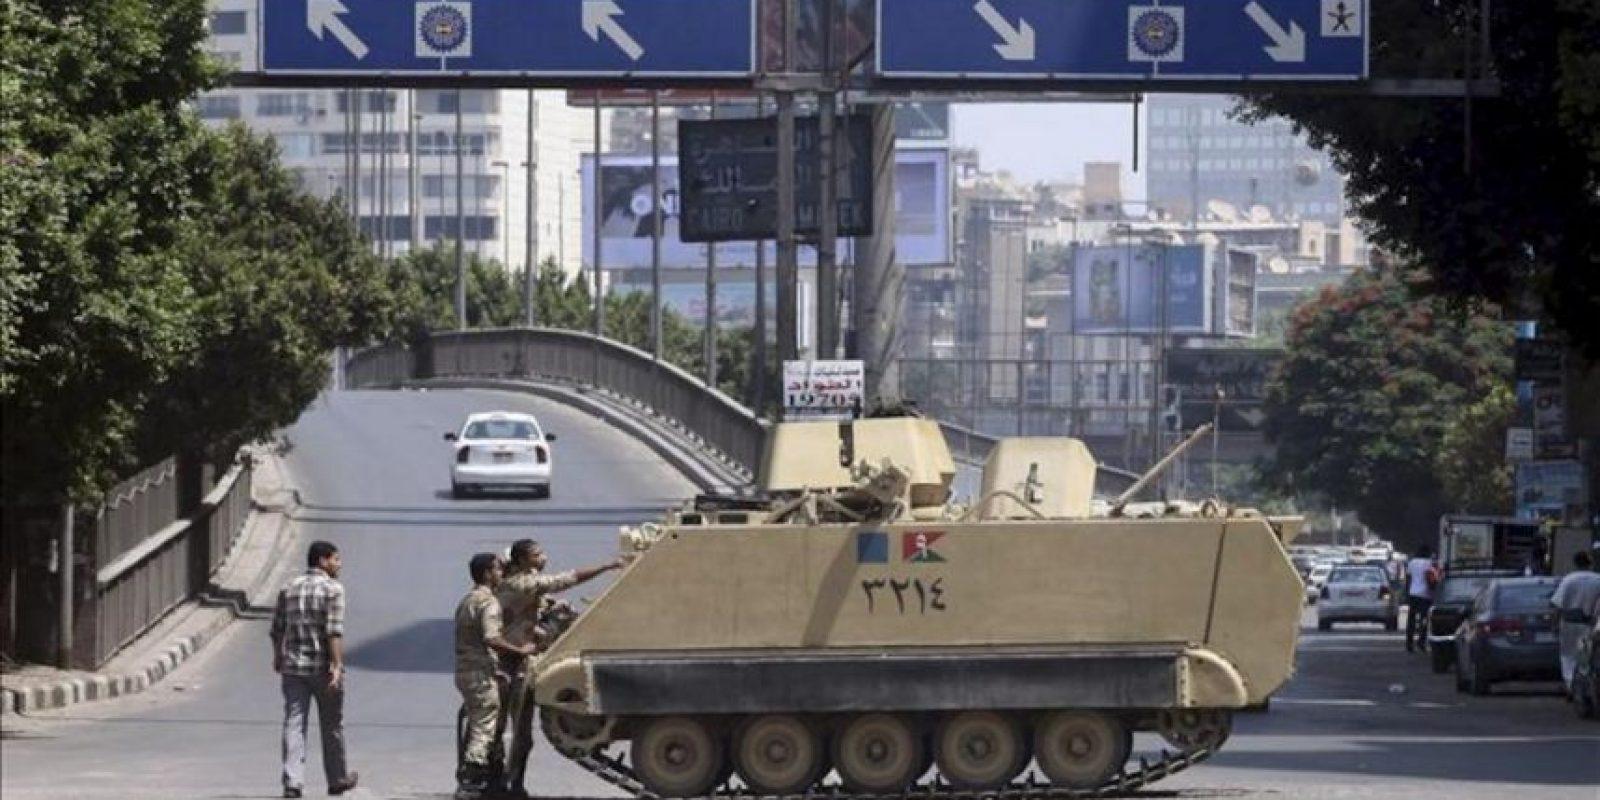 Soldados del ejército egipcio bloquean con vehículos blindados las carreteras de Giza, Egipto, hoy 30 de agosto de 2013. EFE